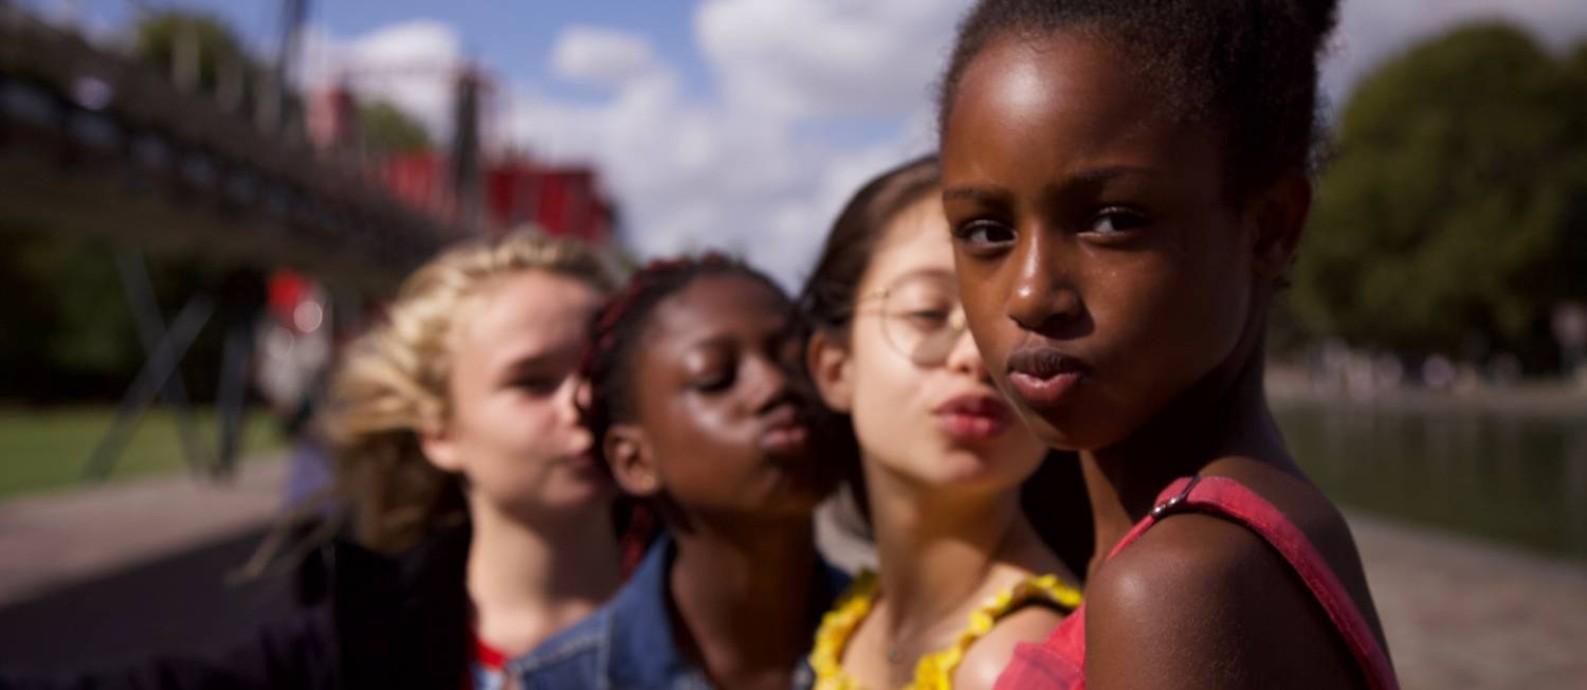 'Lindinhas': lançado na quarta-feira (9) pela Netflix, filme francês virou pivô de polêmica sobre sexualização de crianças Foto: Divulgação